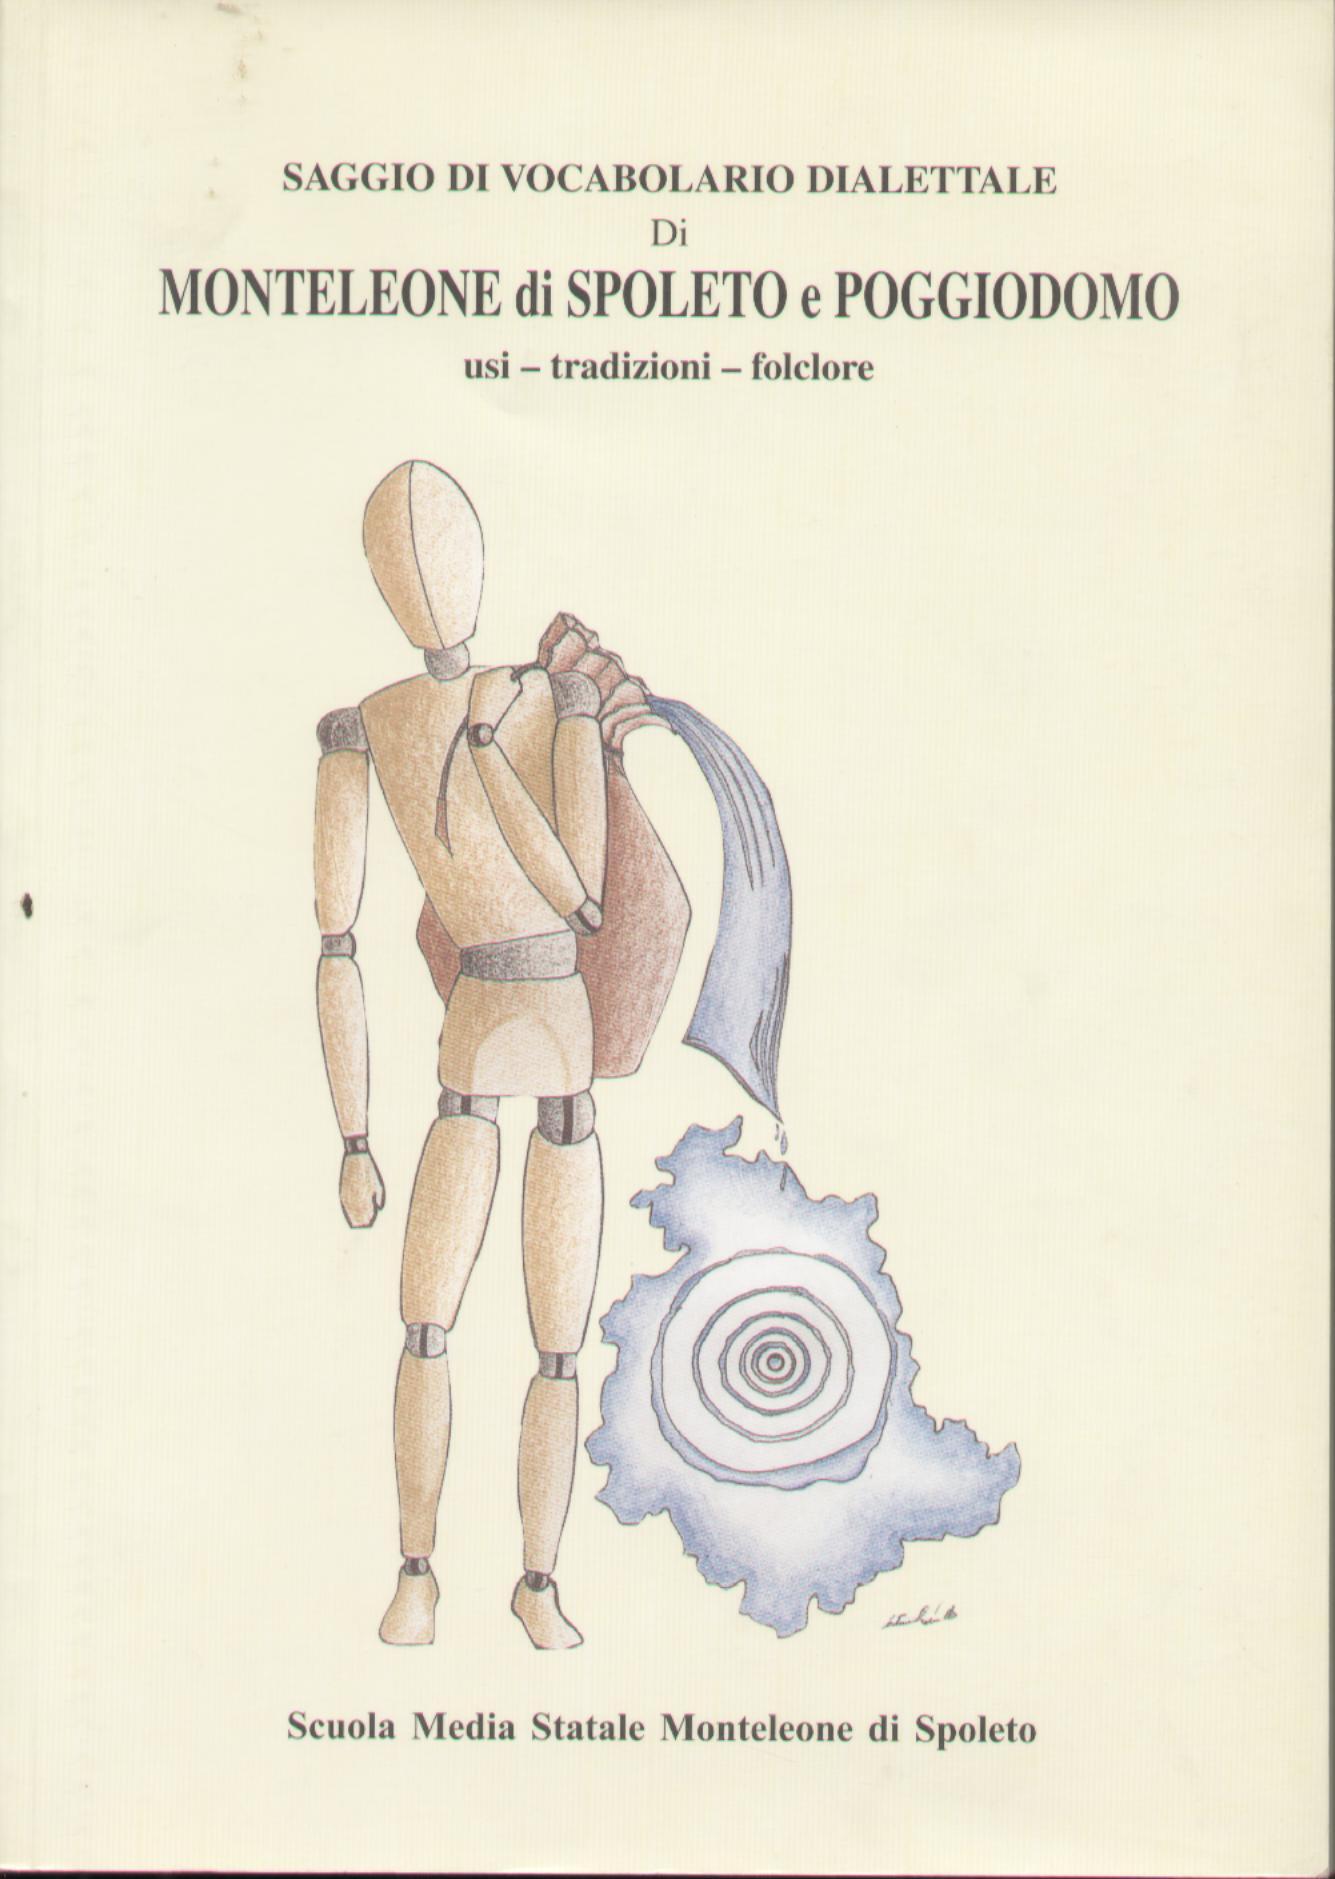 Saggio di vocabolario dialettale di Monteleone di Spoleto e Poggiodomo